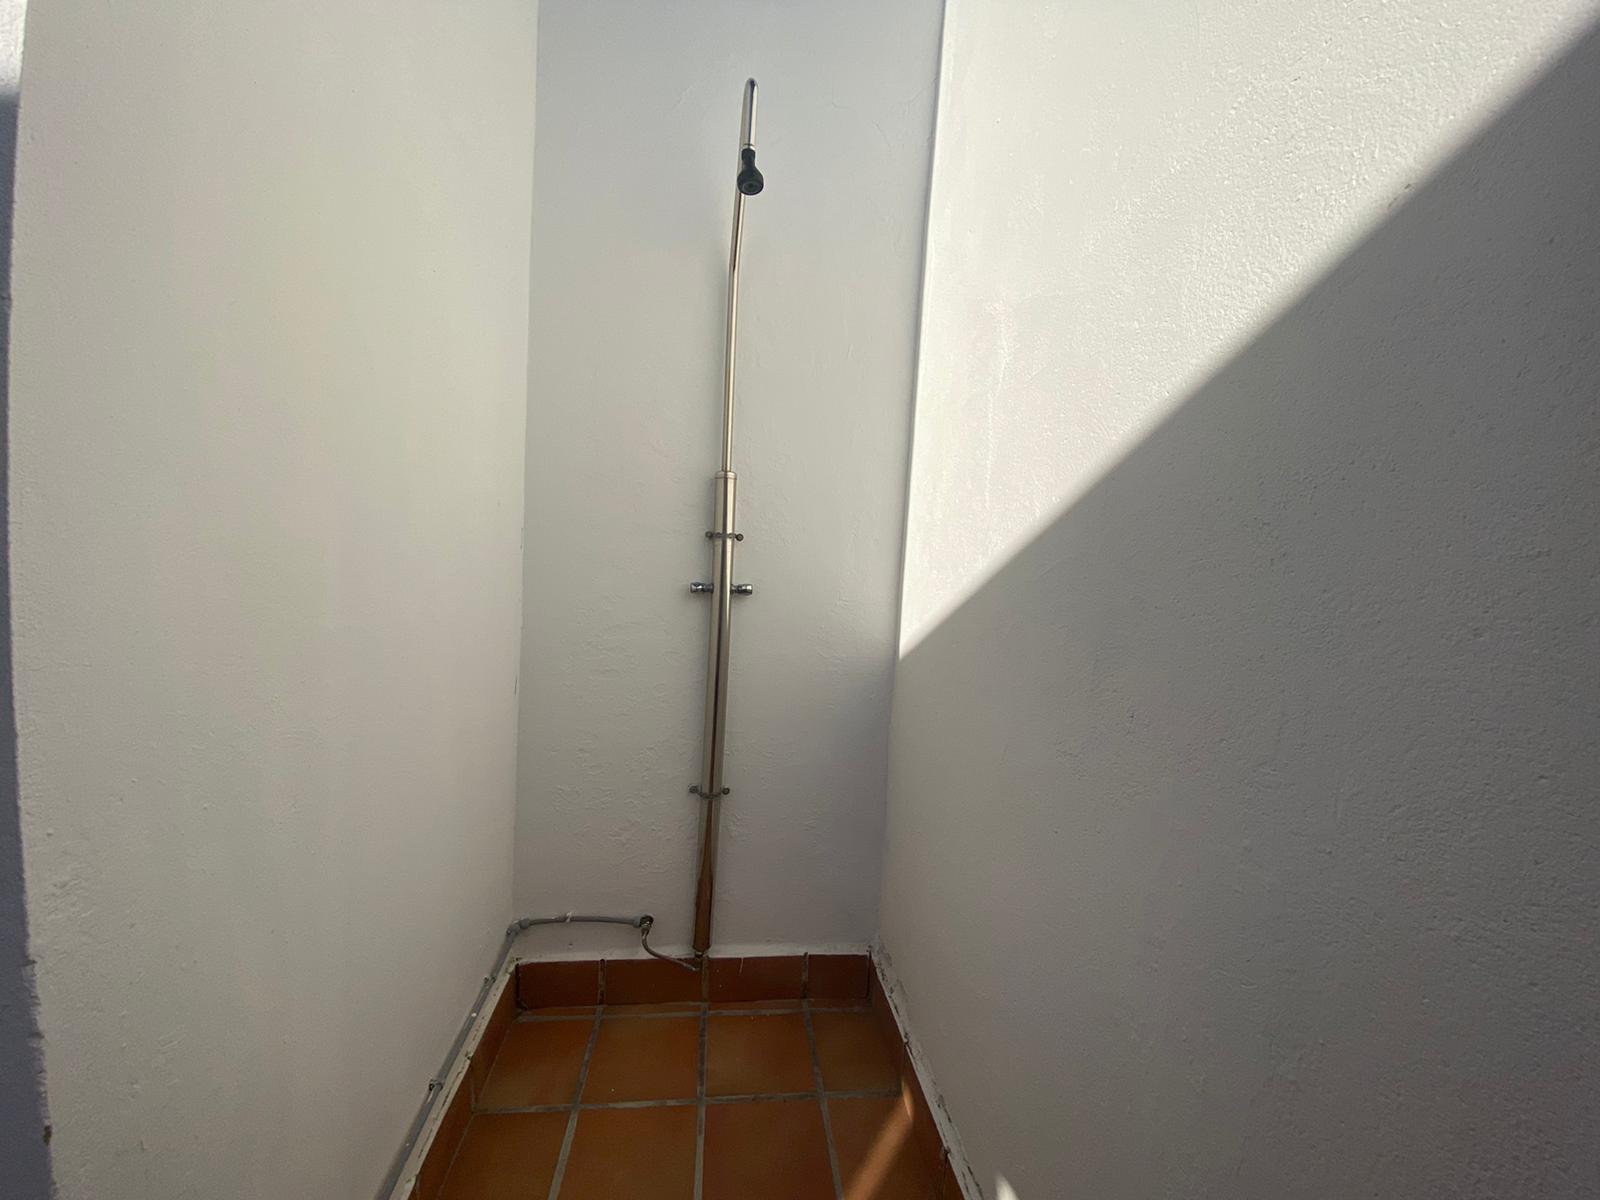 Imagen 29 del Apartamento Turístico, Ático 6 Levante (3d+2b), Punta del Moral (HUELVA), Paseo de la Cruz nº22